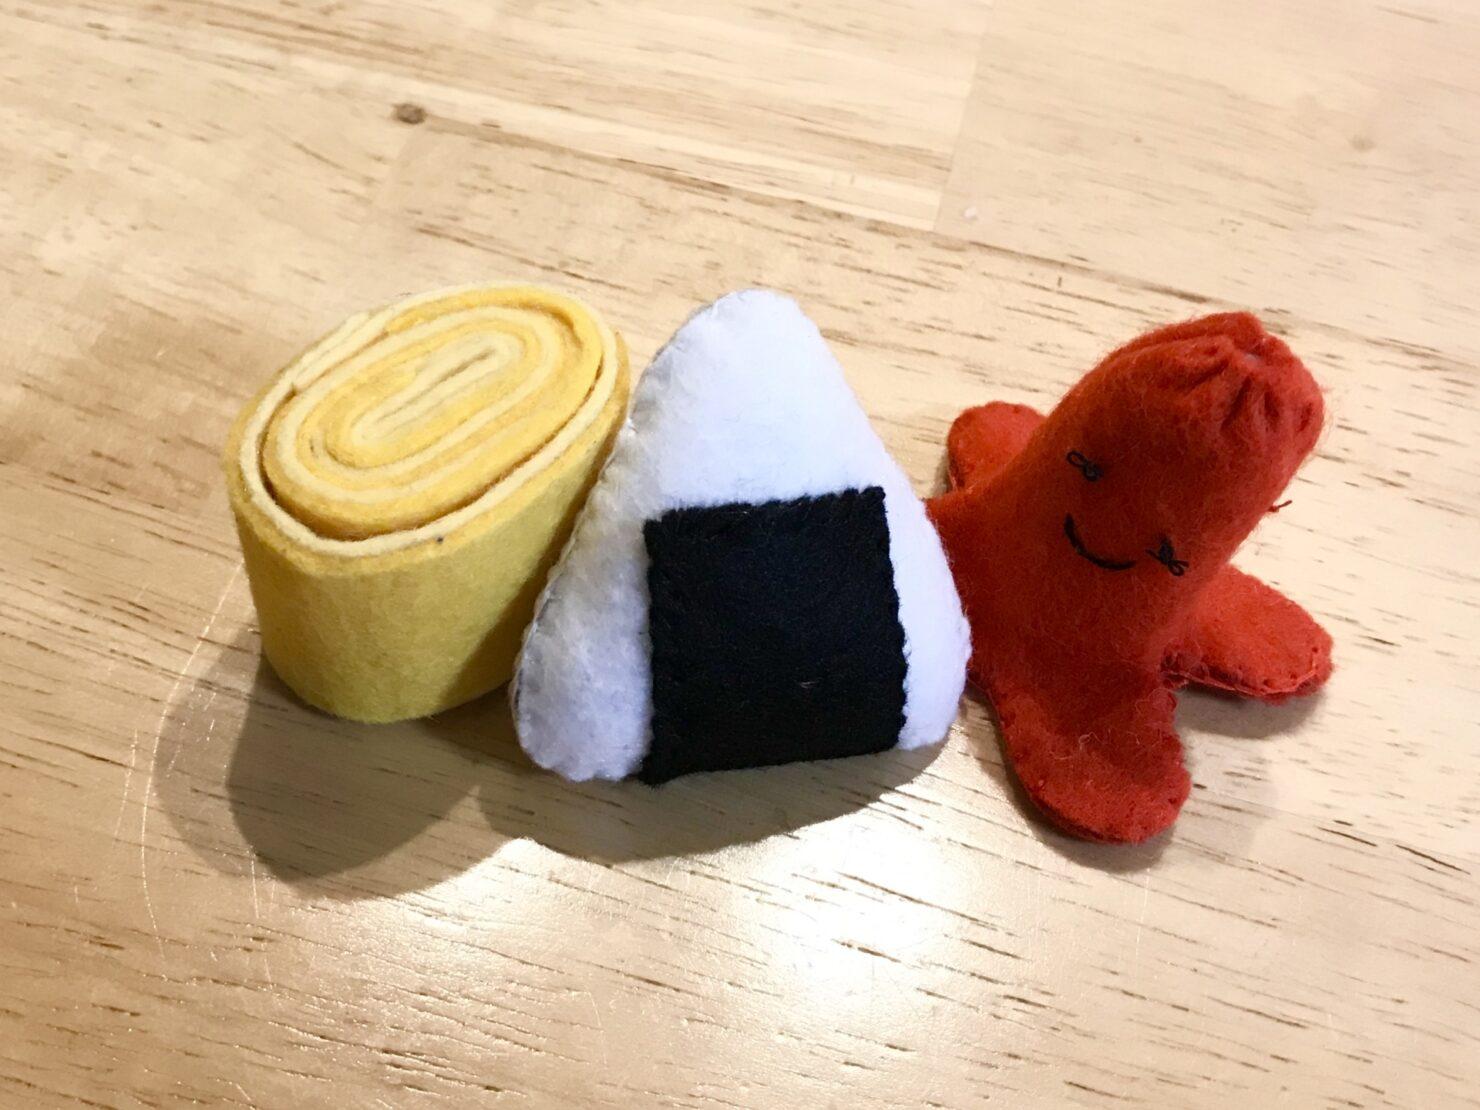 魅力2:手作りおもちゃは子供から喜ばれる